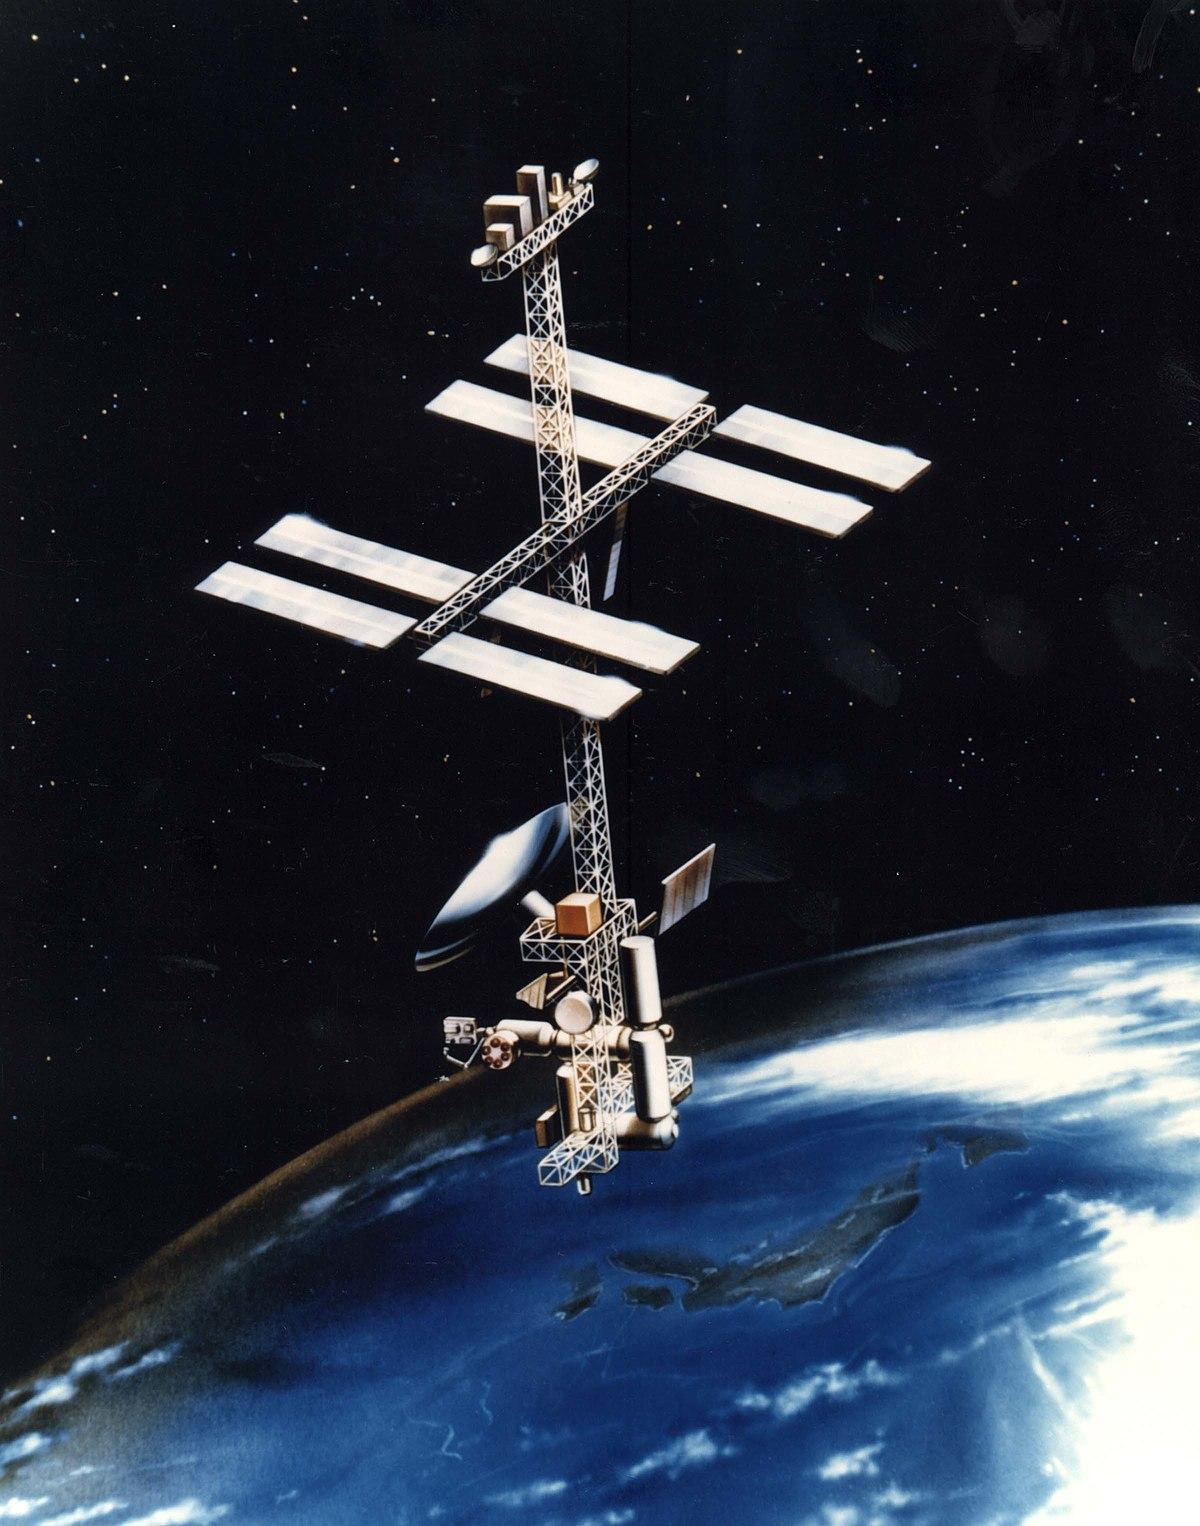 Freedom (stacja kosmiczna) – Wikipedia, wolna encyklopedia